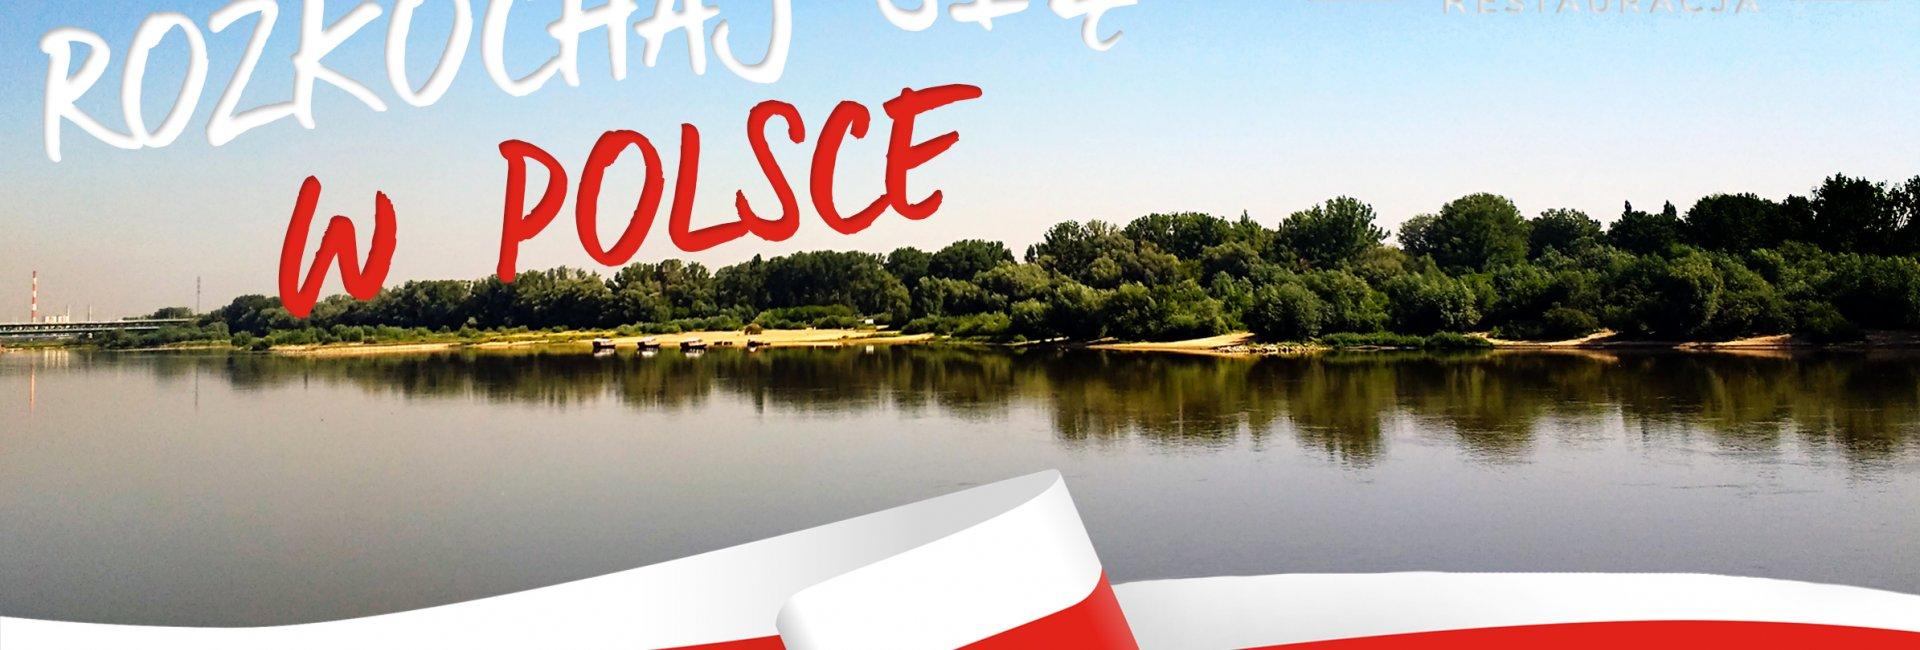 Kulinarne niedziele w Przędzalni - rozkochaj się w Polsce